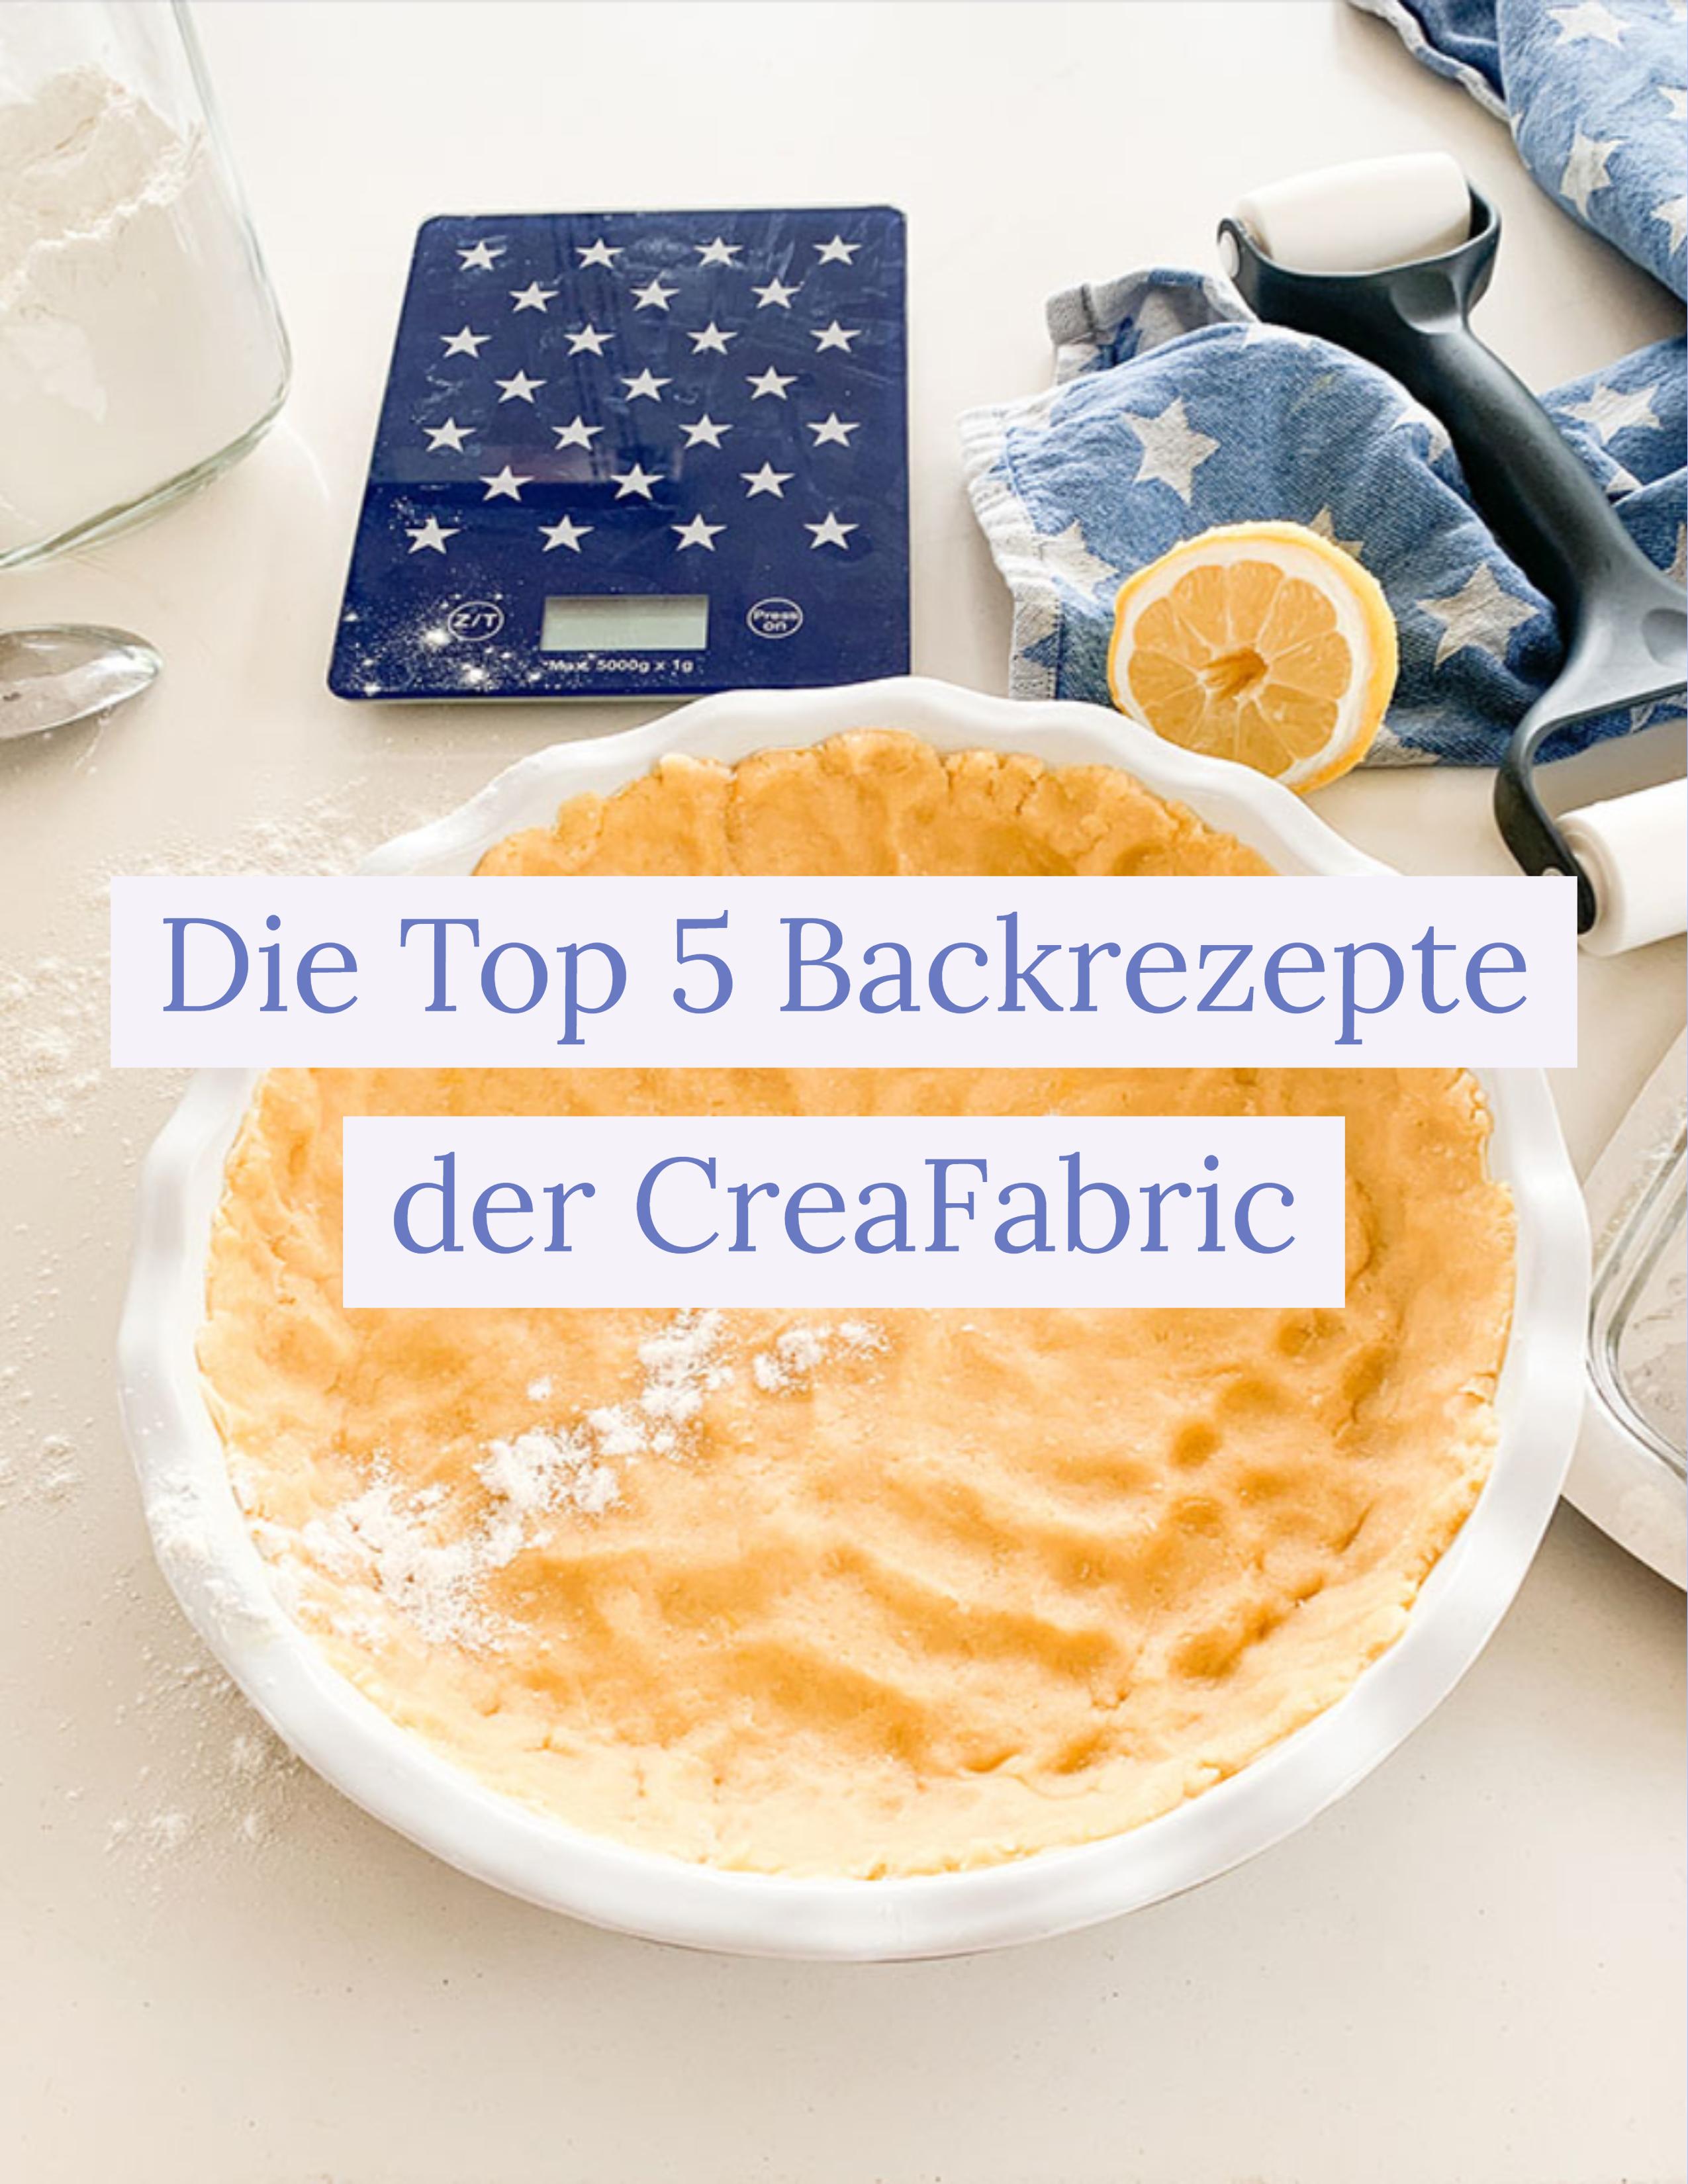 rezepte | lieblingsrezepte | backrezepte | cake rezepte | cake | kuchen rezepte | back rezepte | blogpost | blogbeitrag | blog